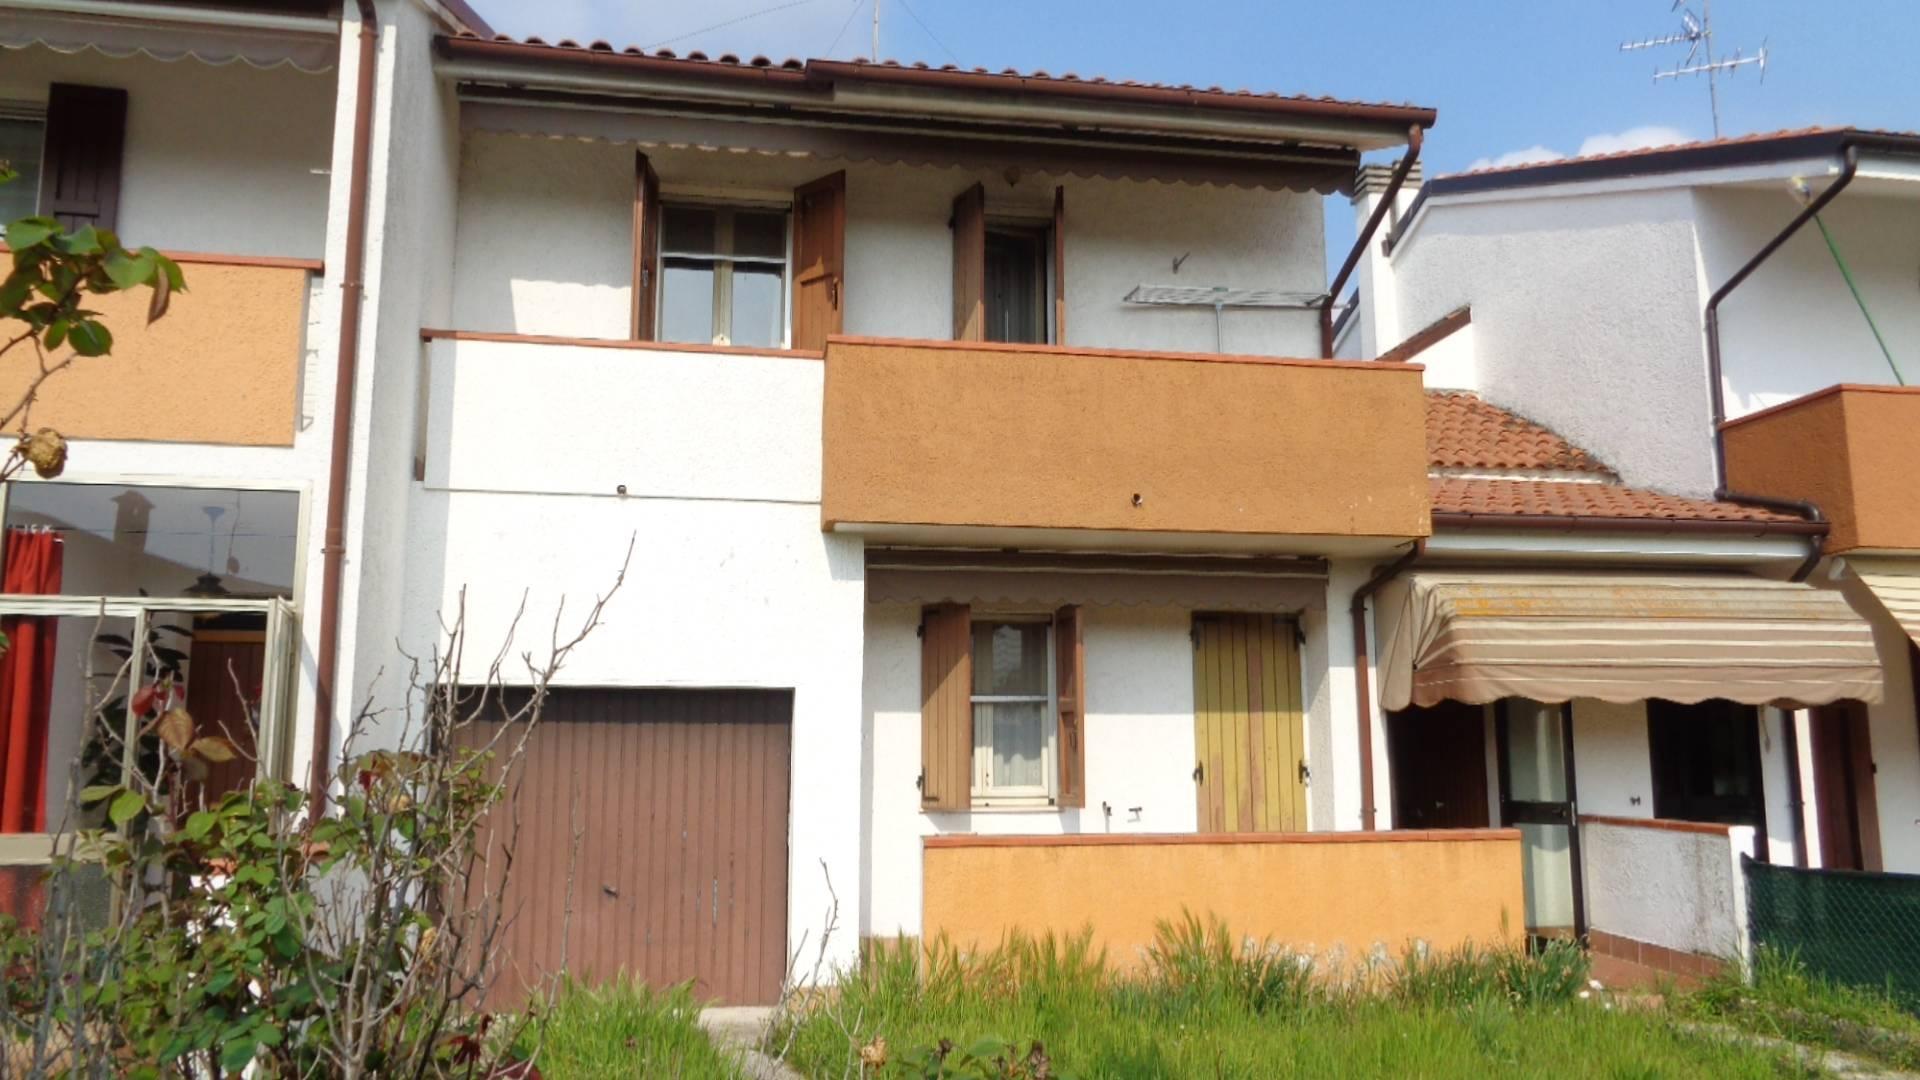 Soluzione Indipendente in vendita a Masi Torello, 5 locali, prezzo € 115.000 | CambioCasa.it